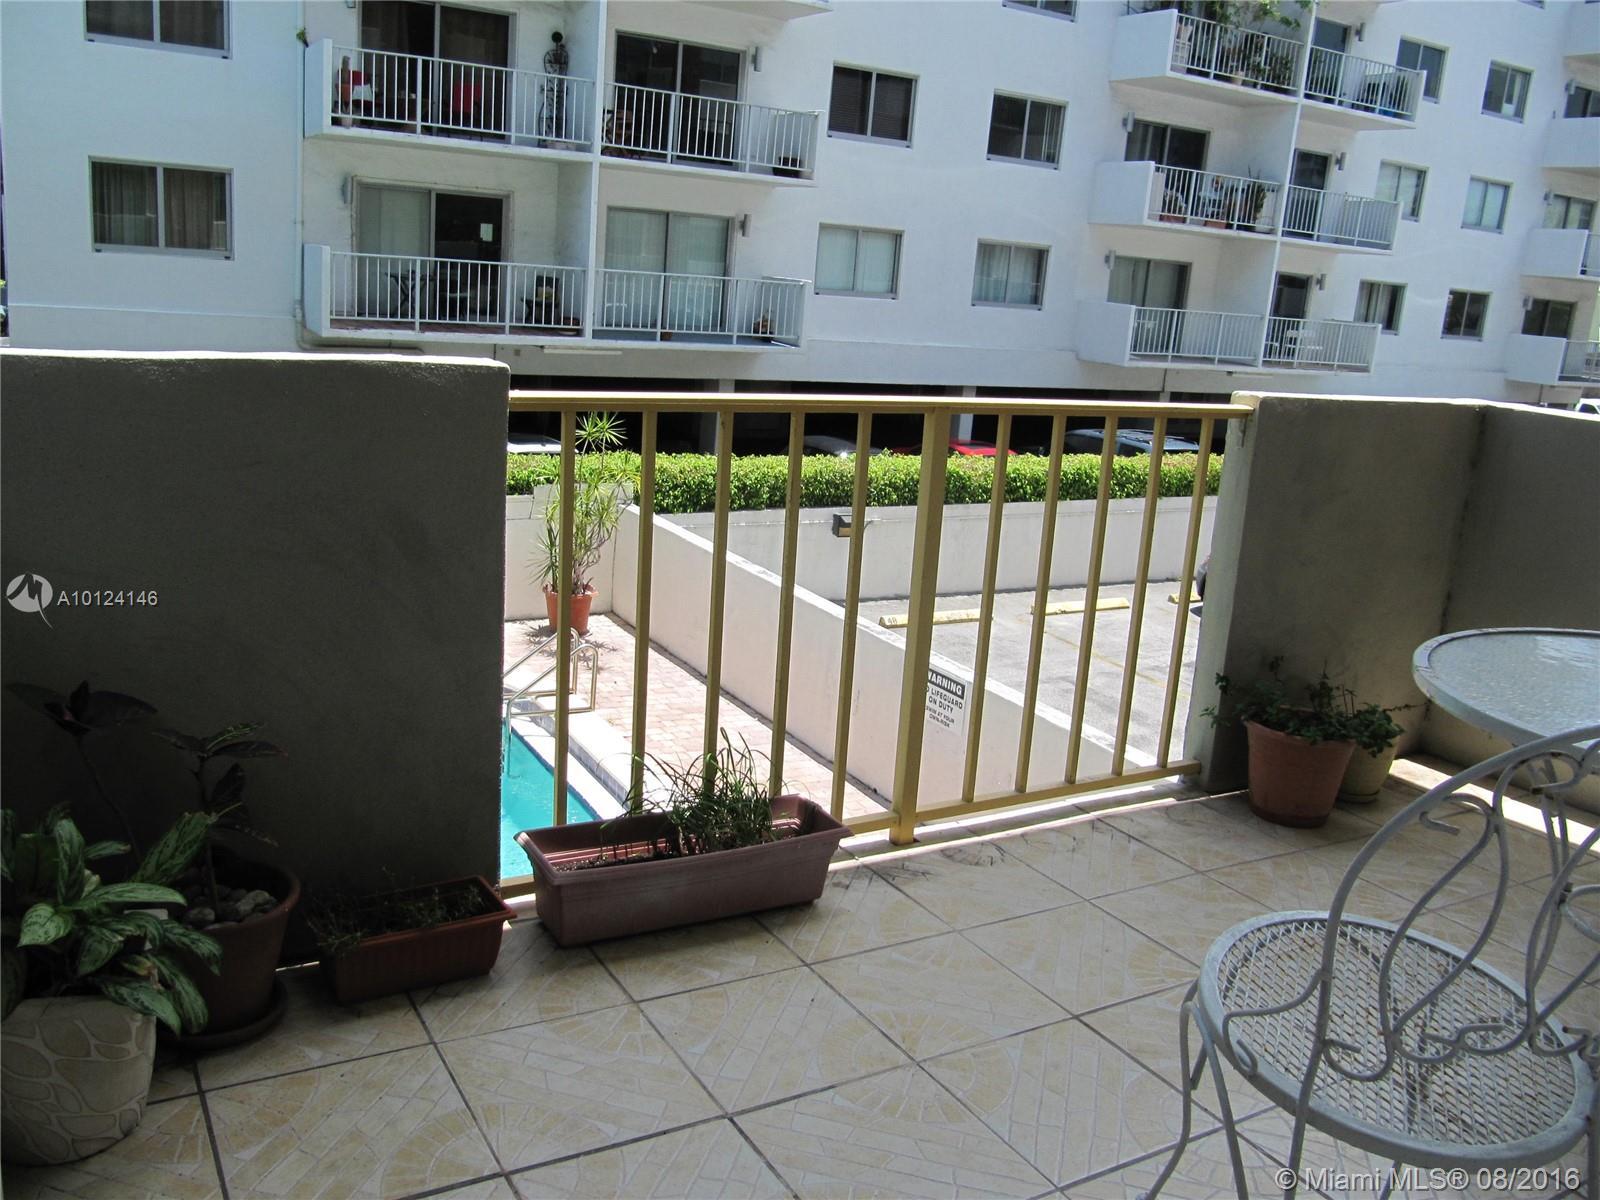 Photo - 1130 11 ST # A, Miami Beach FL 33139